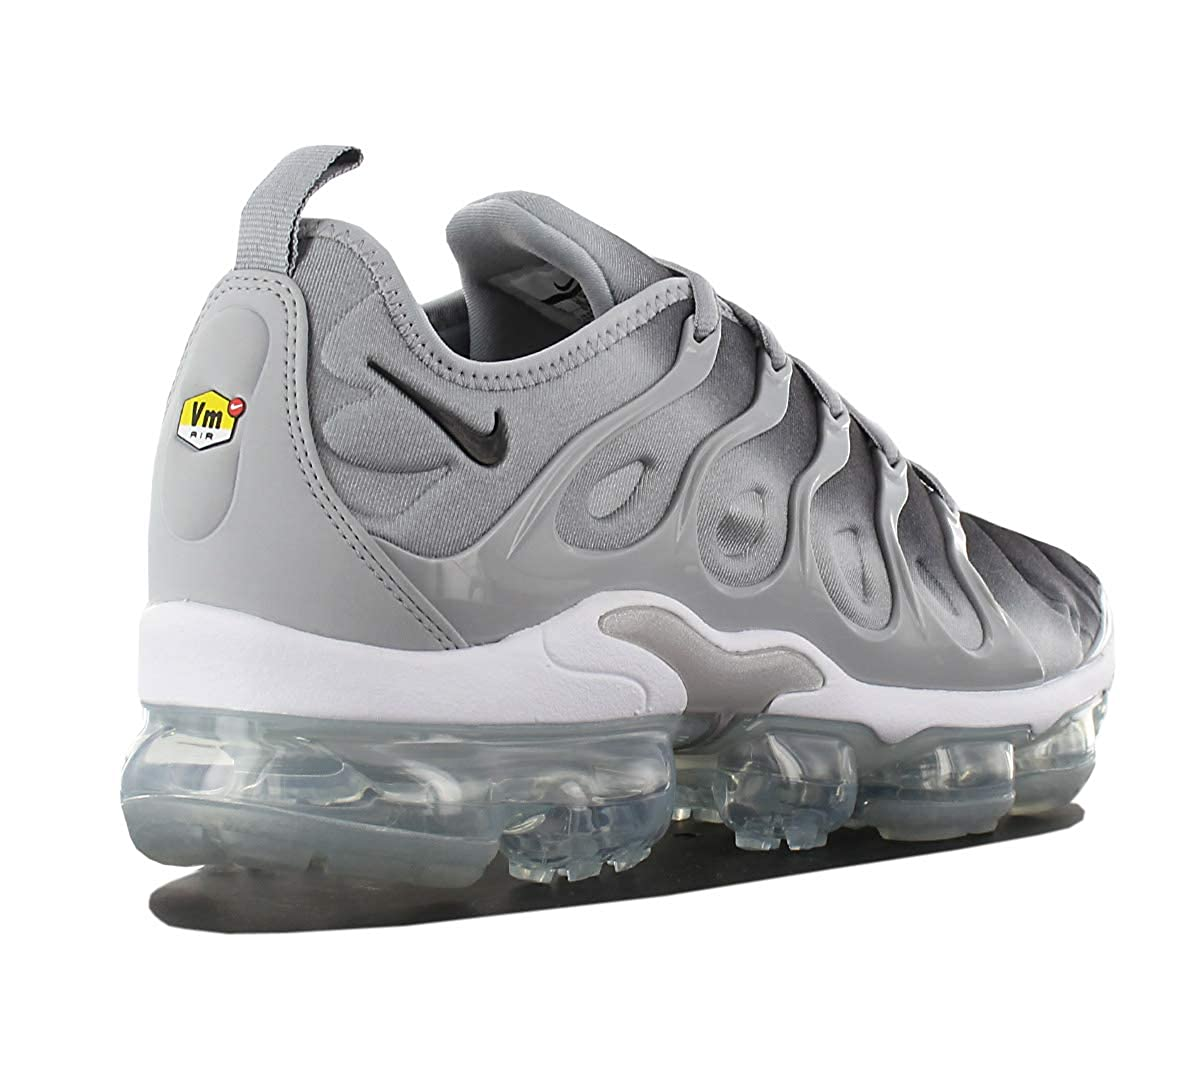 beca220d0fbc NIKE Air Vapormax Plus 924453-007 Mens Shoes Grey Mens Trainers Sneaker  Shoes Size  EU 44.5 US 10.5  Amazon.co.uk  Shoes   Bags